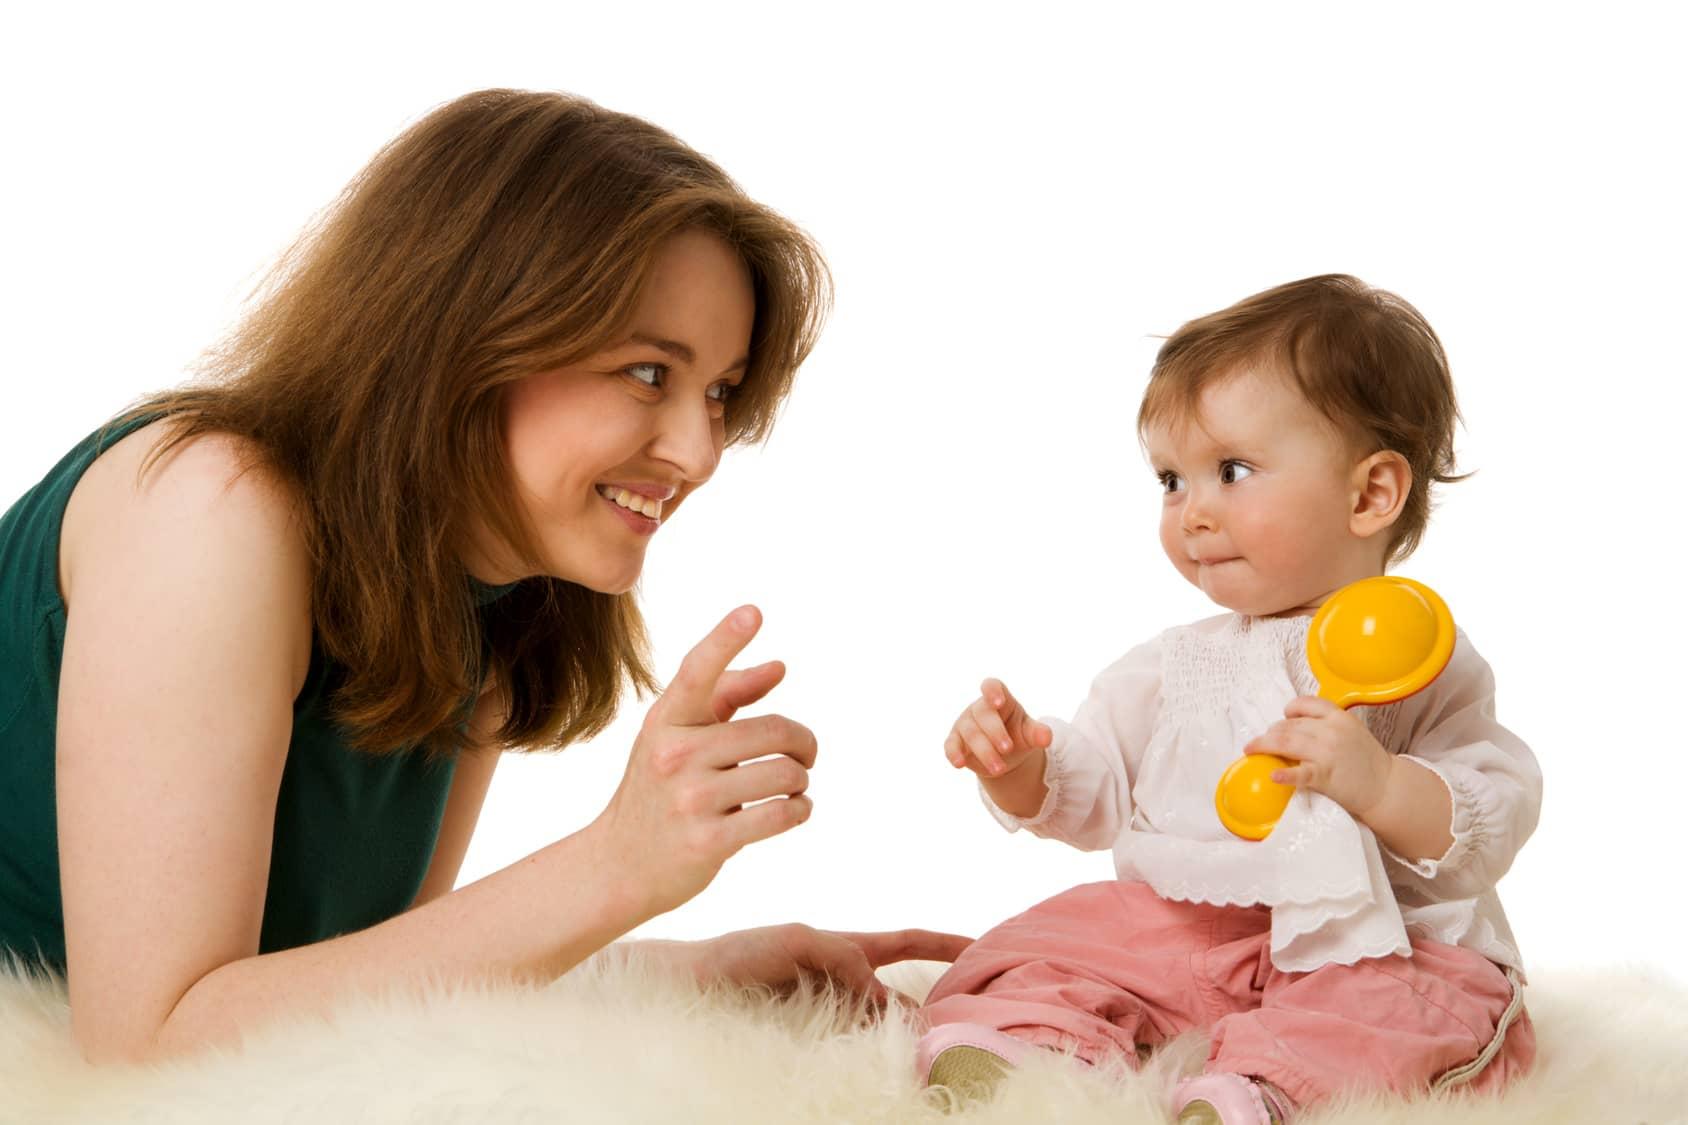 حرف زدن مادر با کودک هفته چهارم دوازده ماهگی کودک